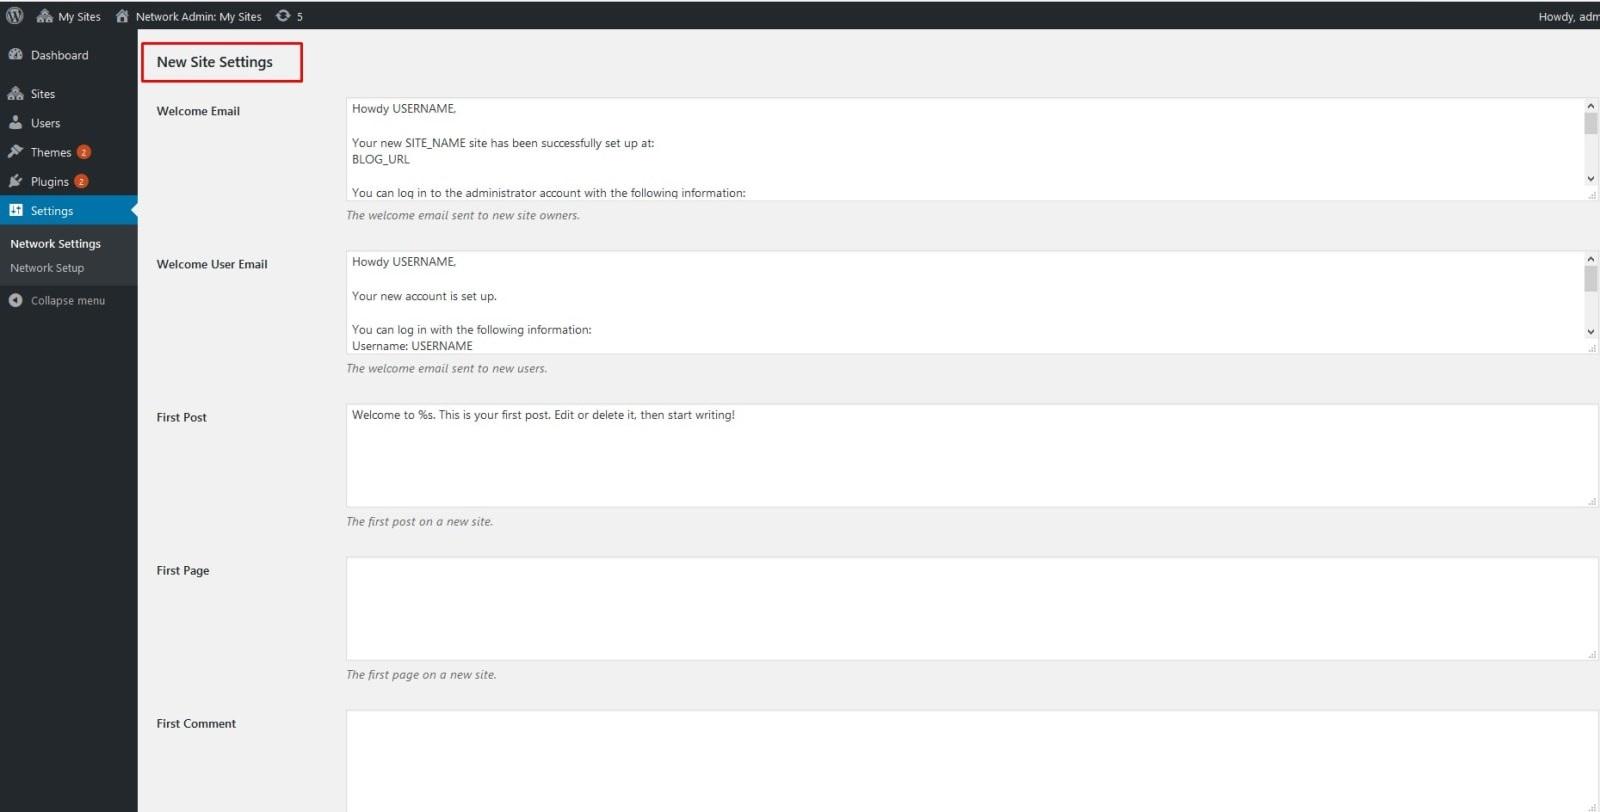 تنظیمات شبکه برای ایجاد سایت جدید